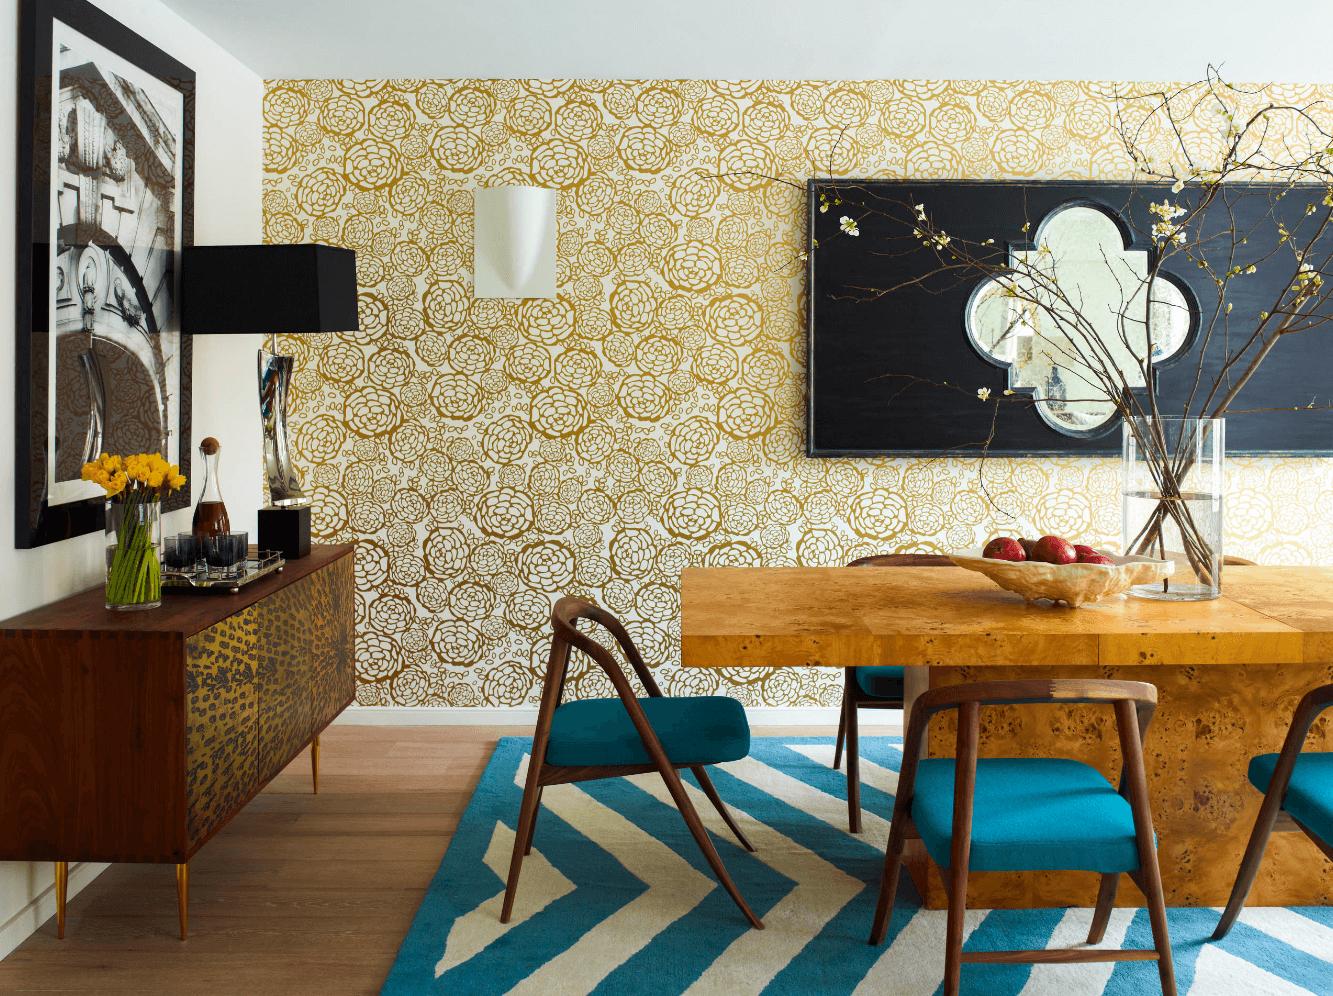 Casa Papel de Parede Decoração Flores Dourado Vazado